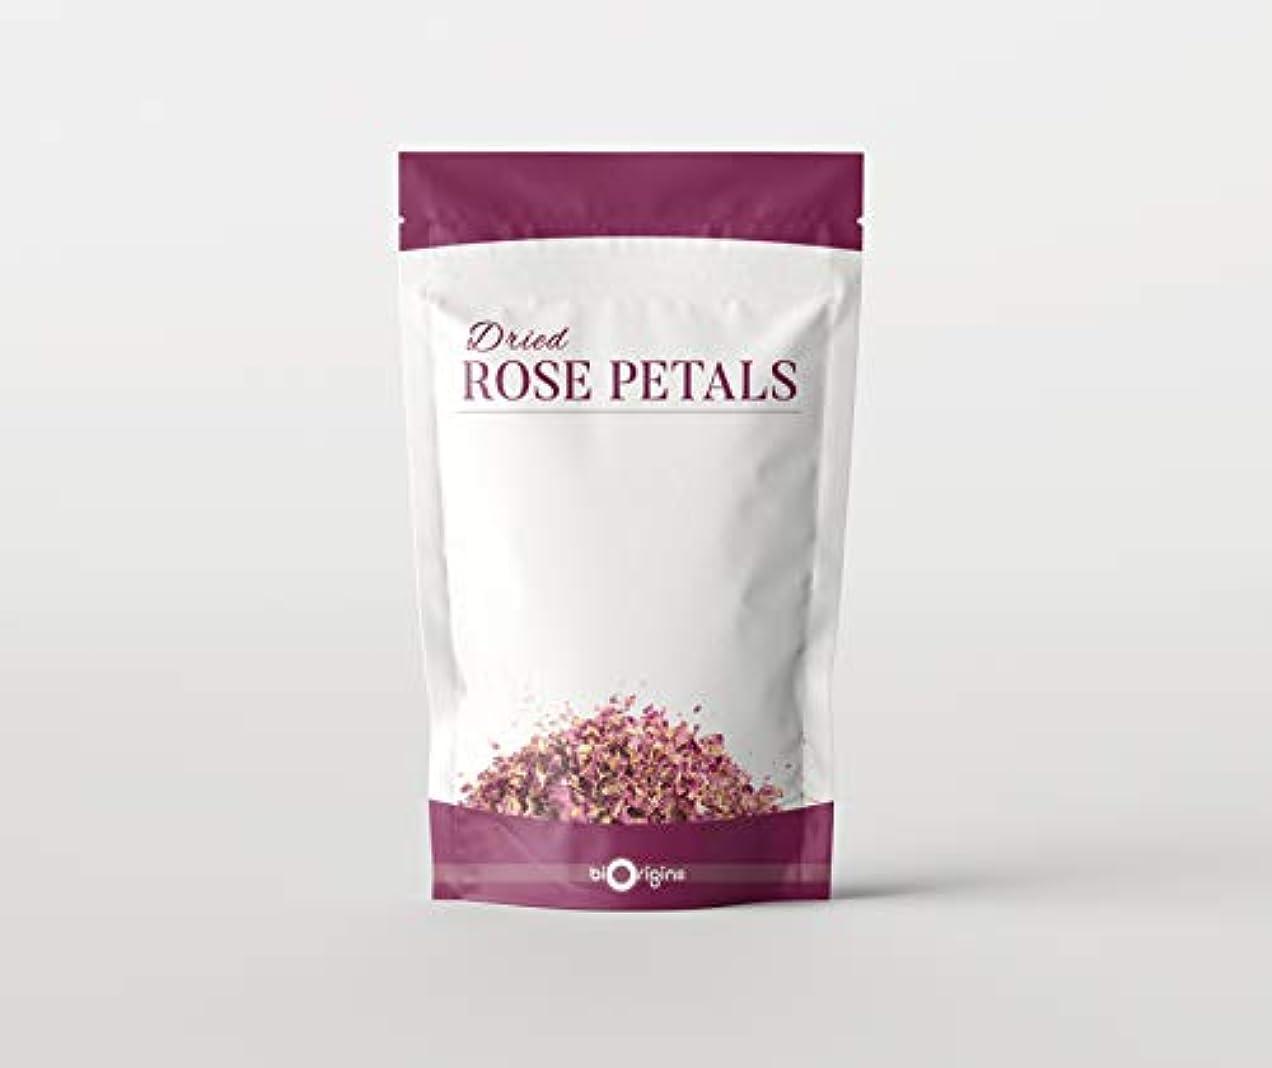 破壊する制約寝室を掃除するDried Rose Petals - 100g